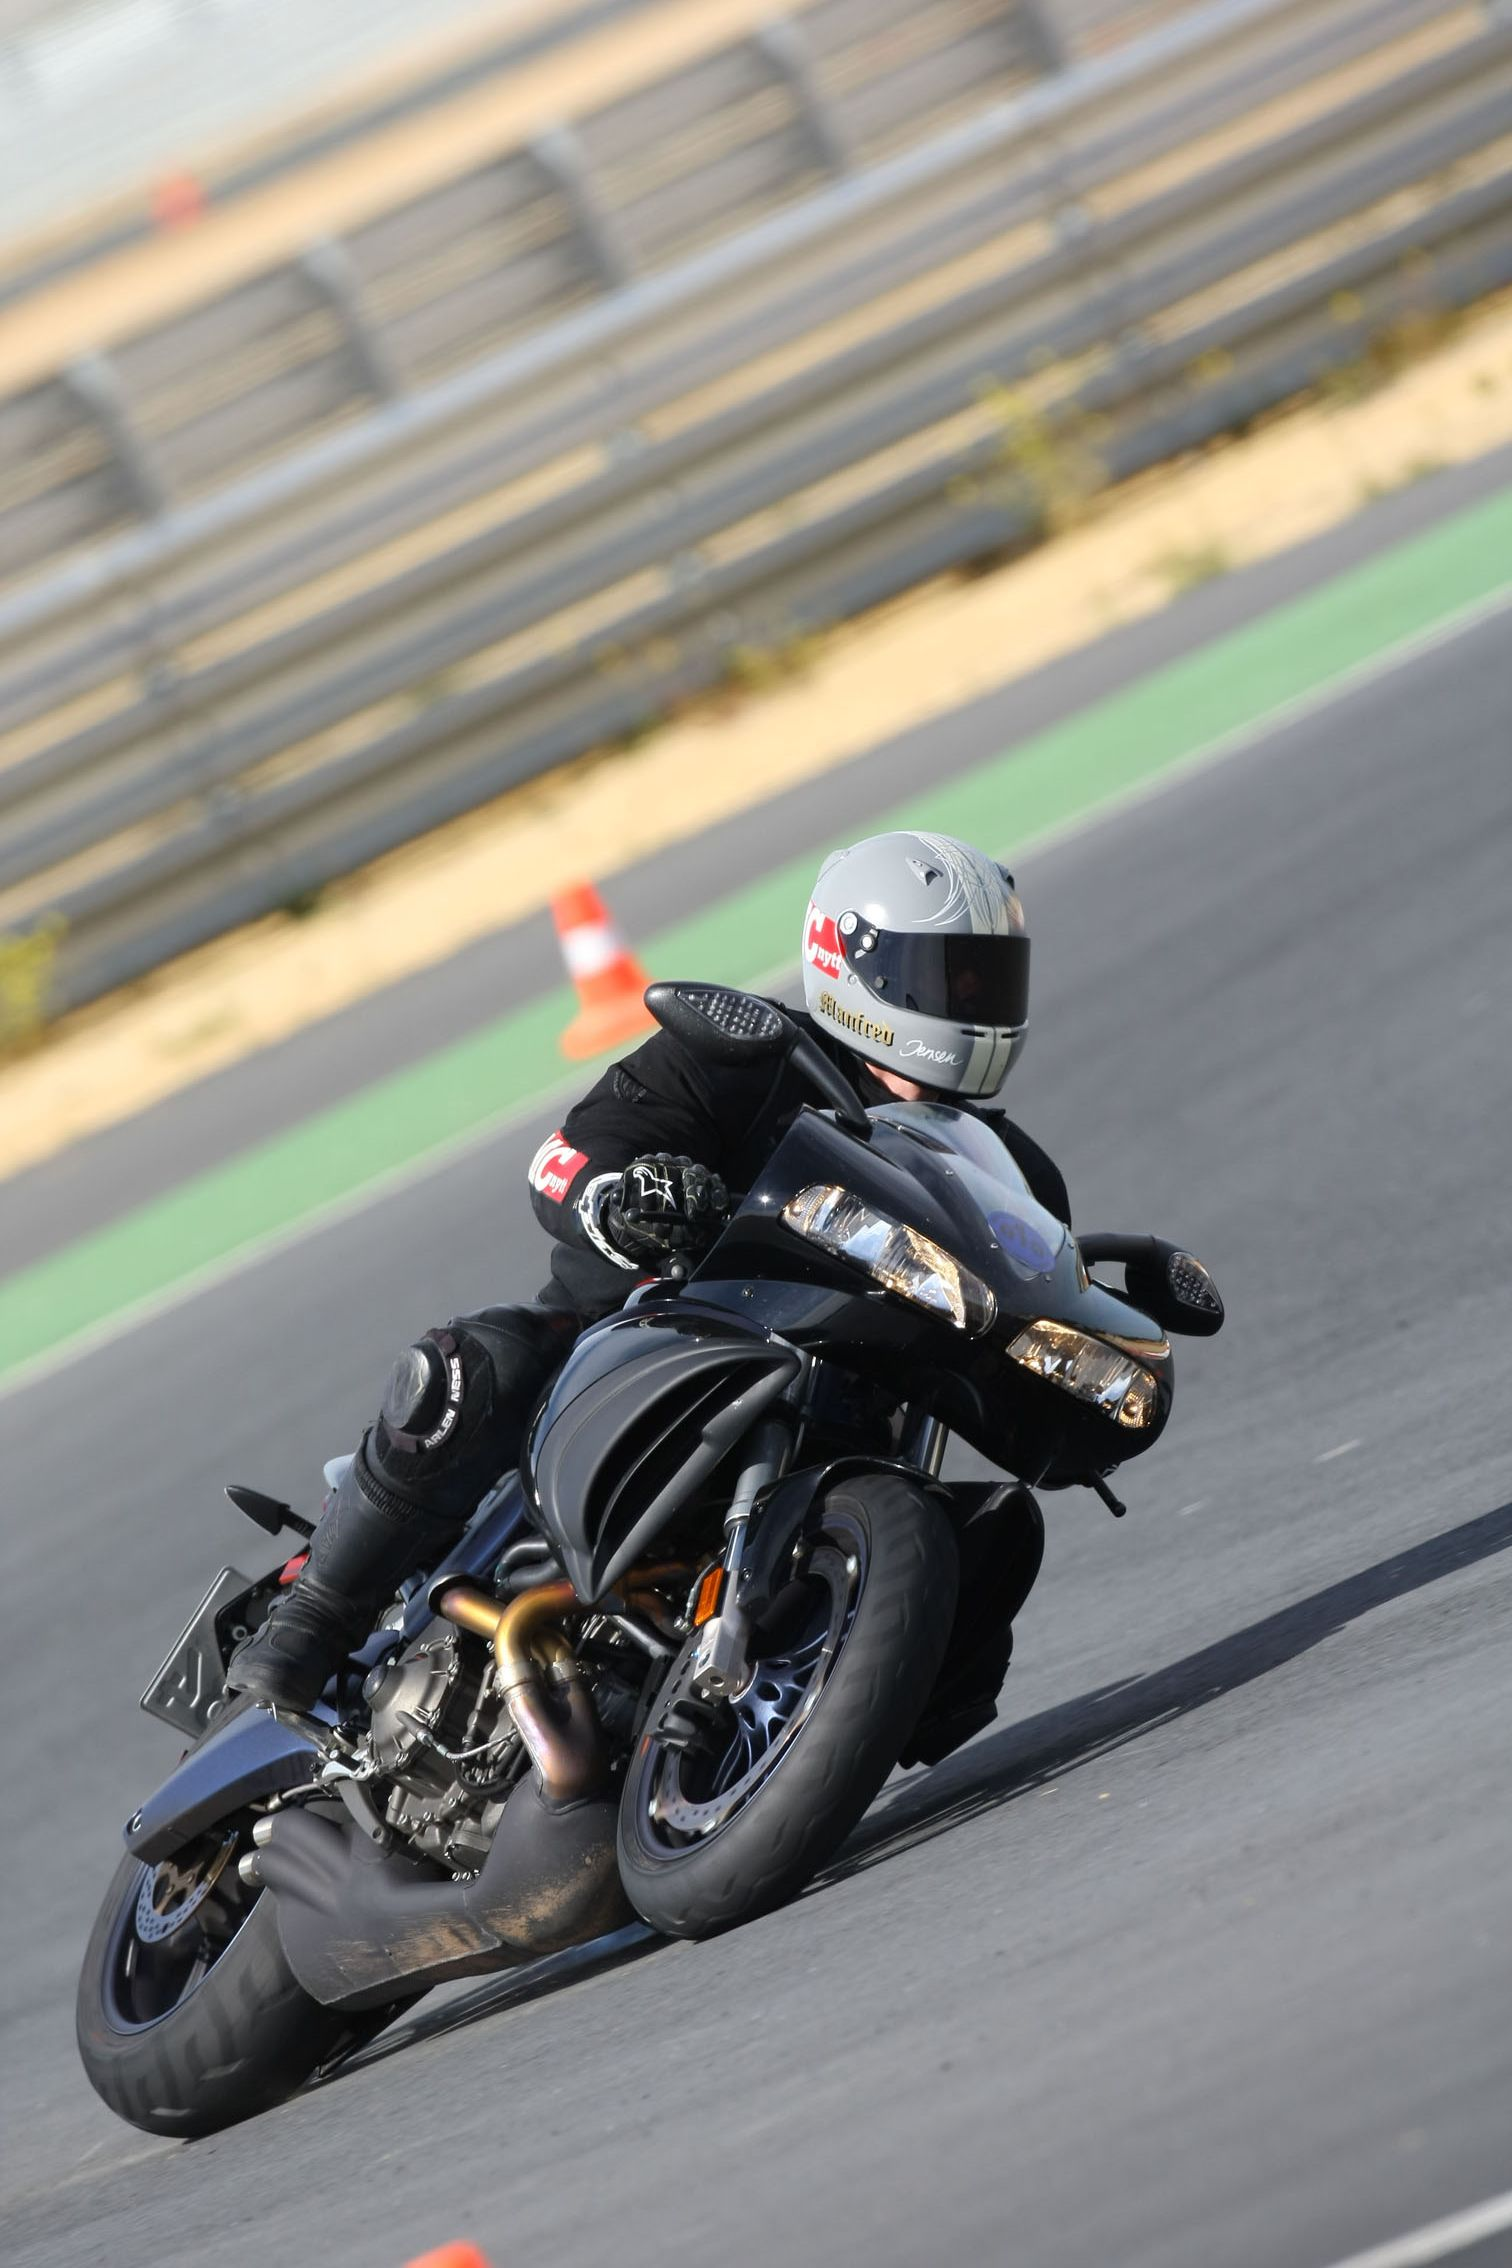 Circuito Monteblanco : Buell 1125 cr circuito de monteblanco buell pinterest buell